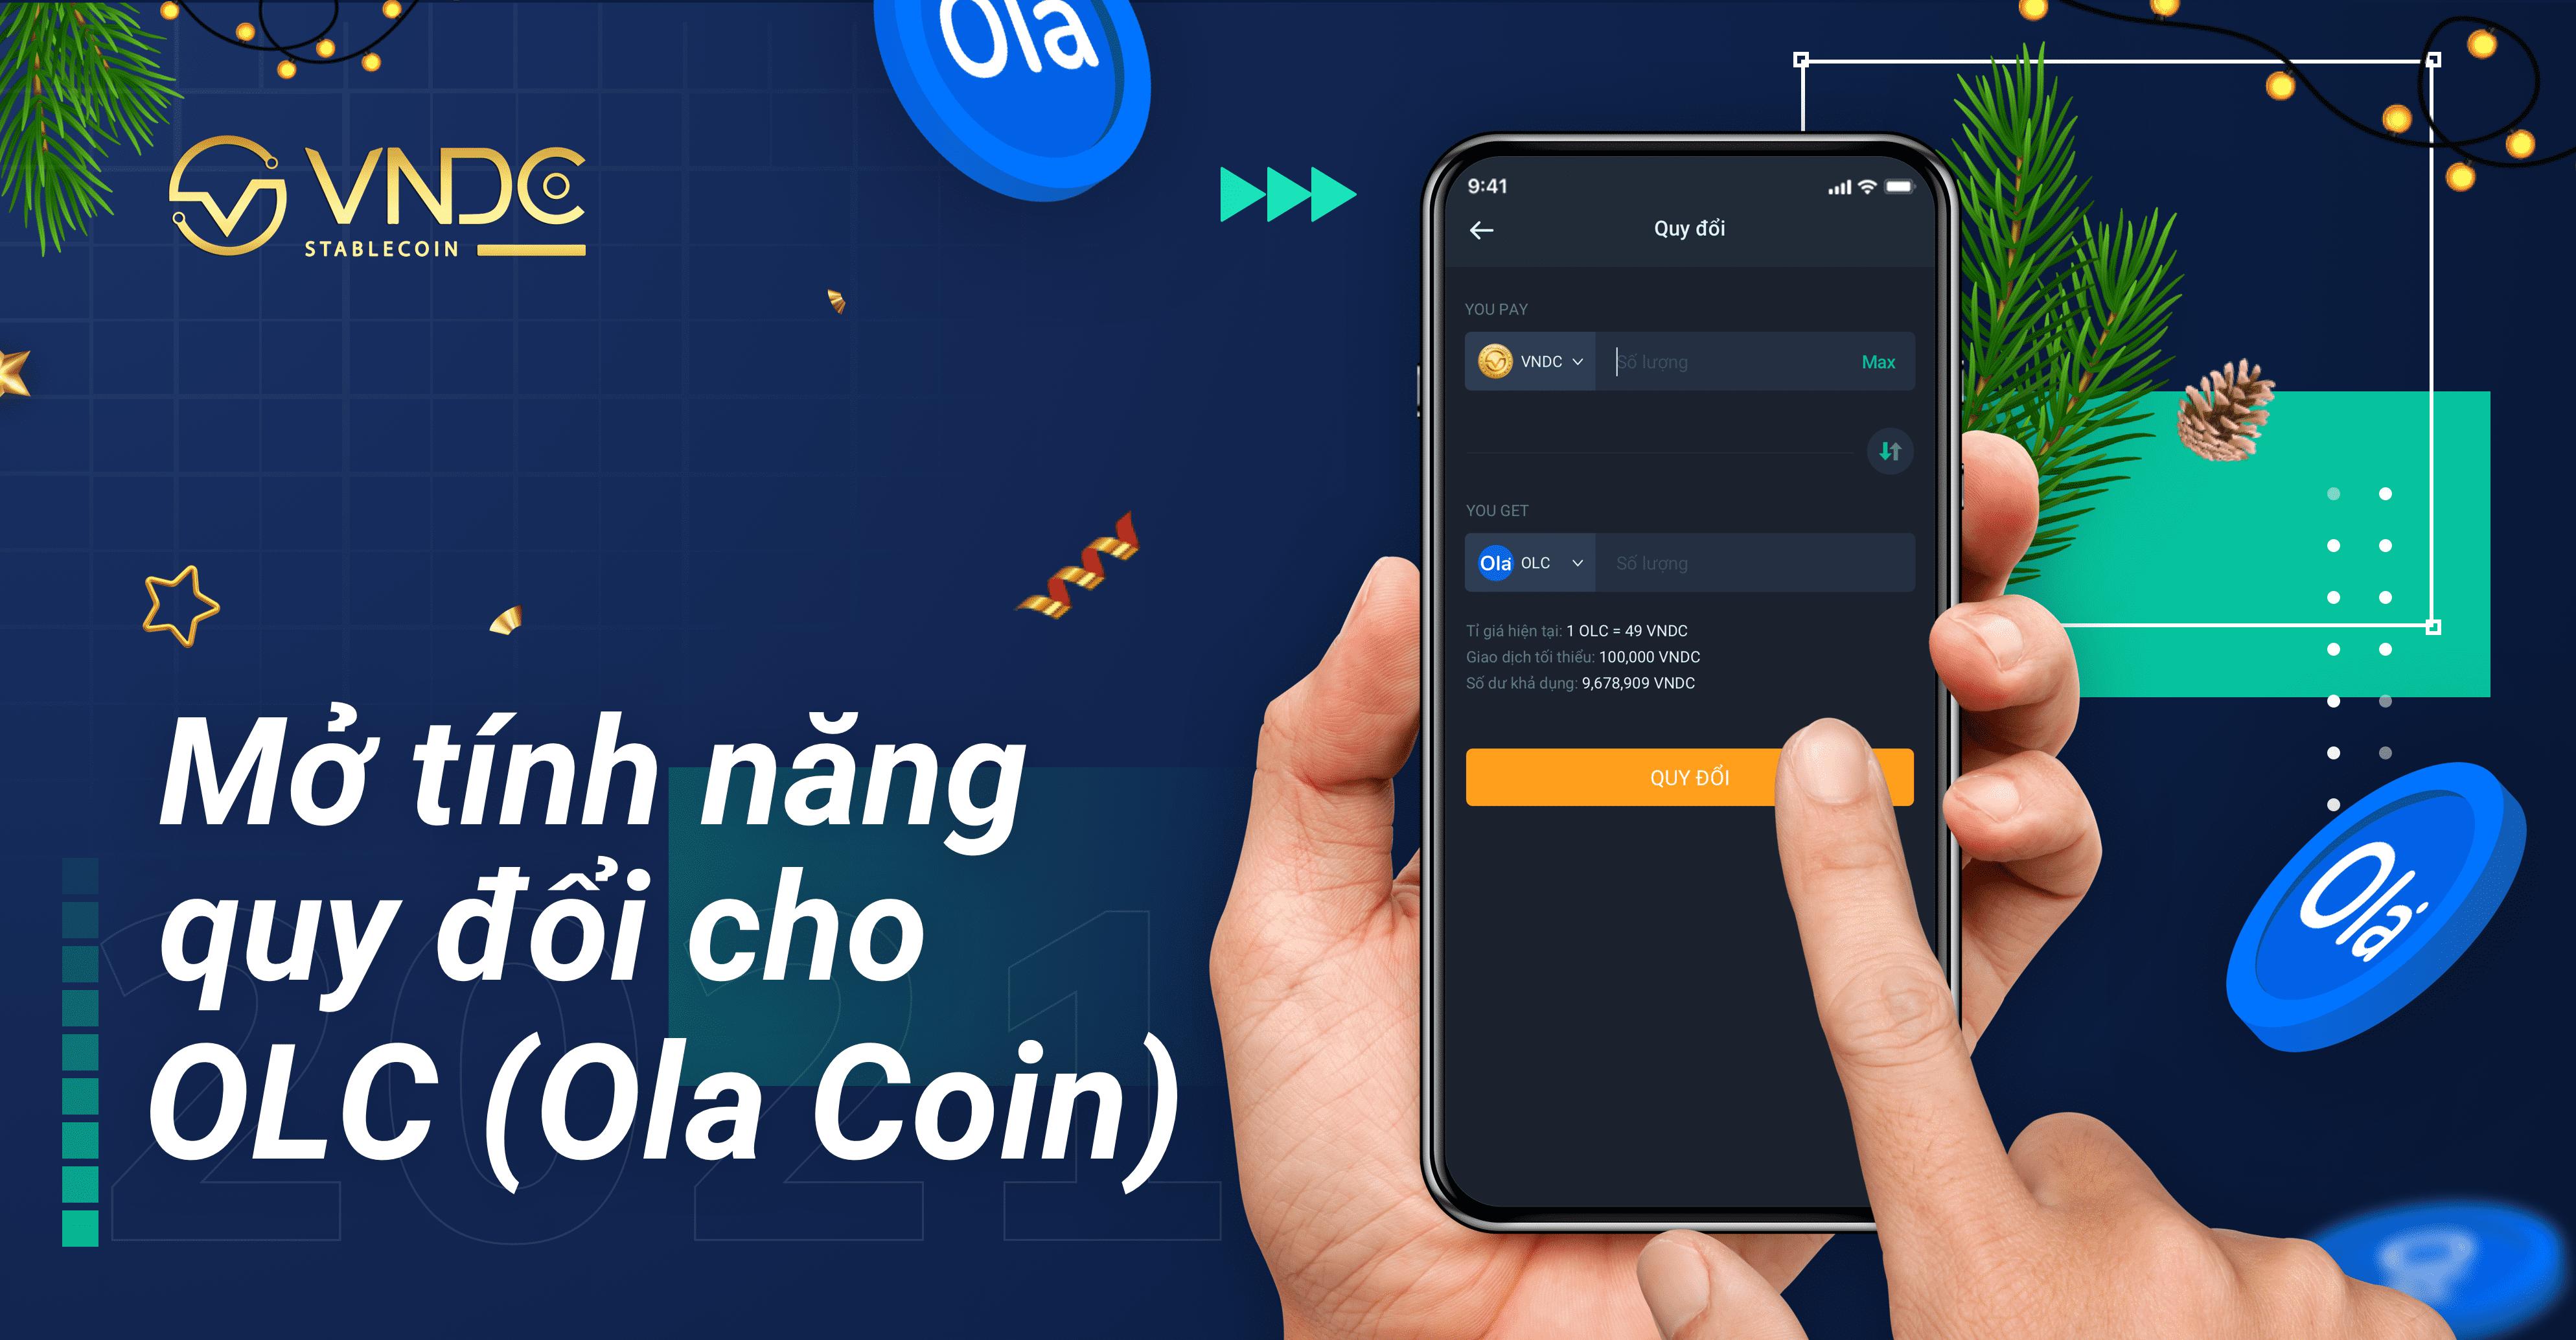 VNDC mở tính năng quy đổi cho OLC (Ola Coin)